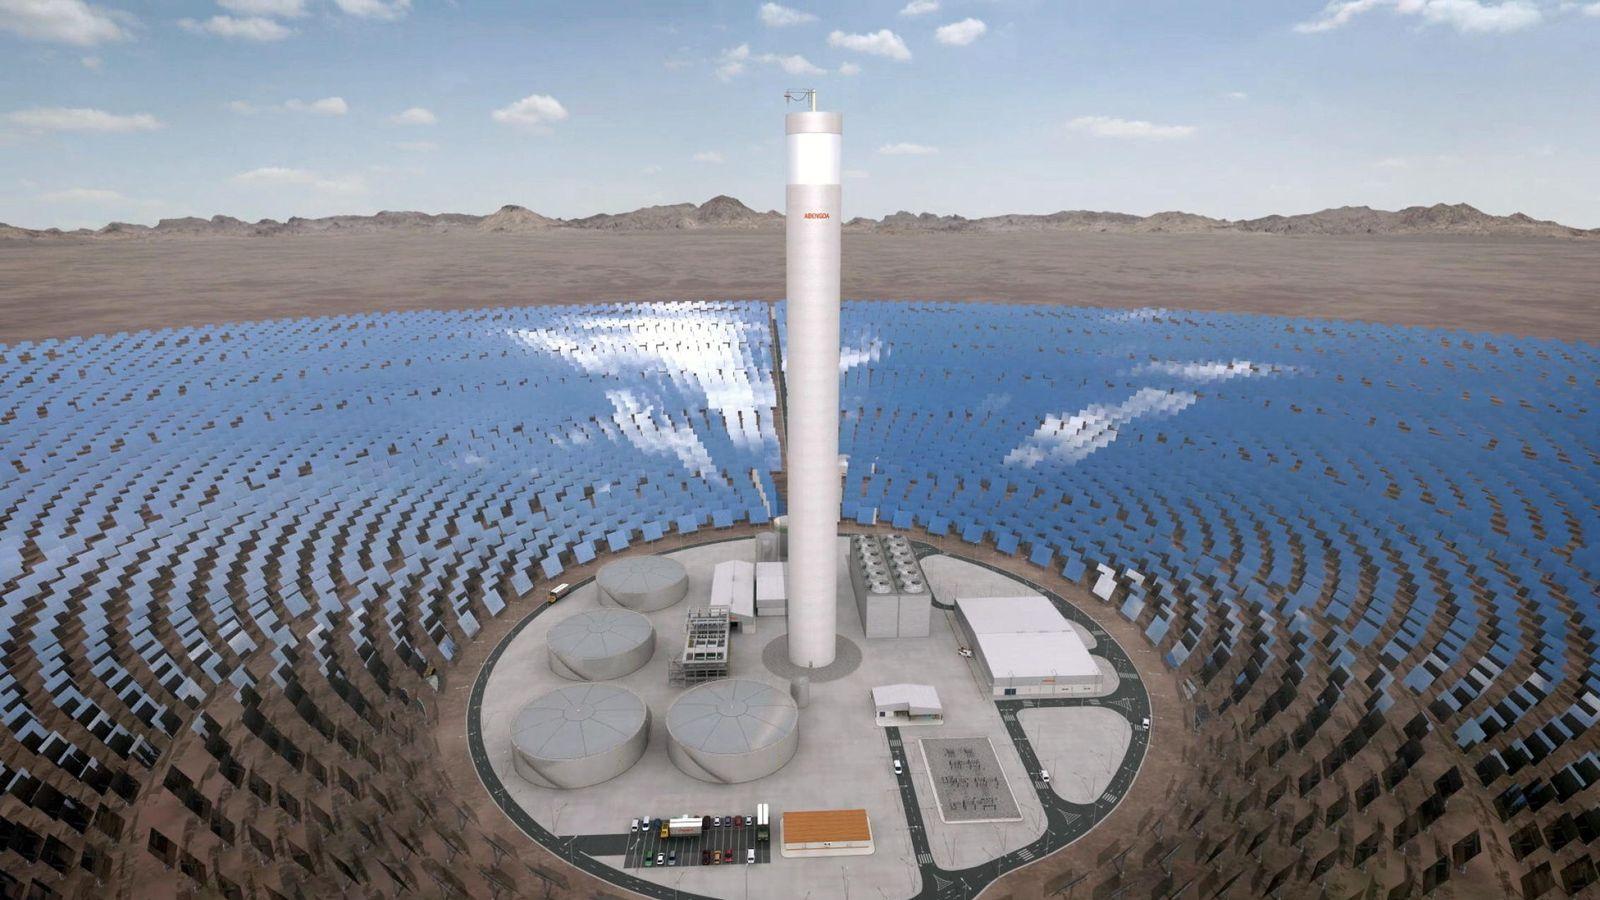 Foto: Campo de energía solar (foto cedida Abengoa)